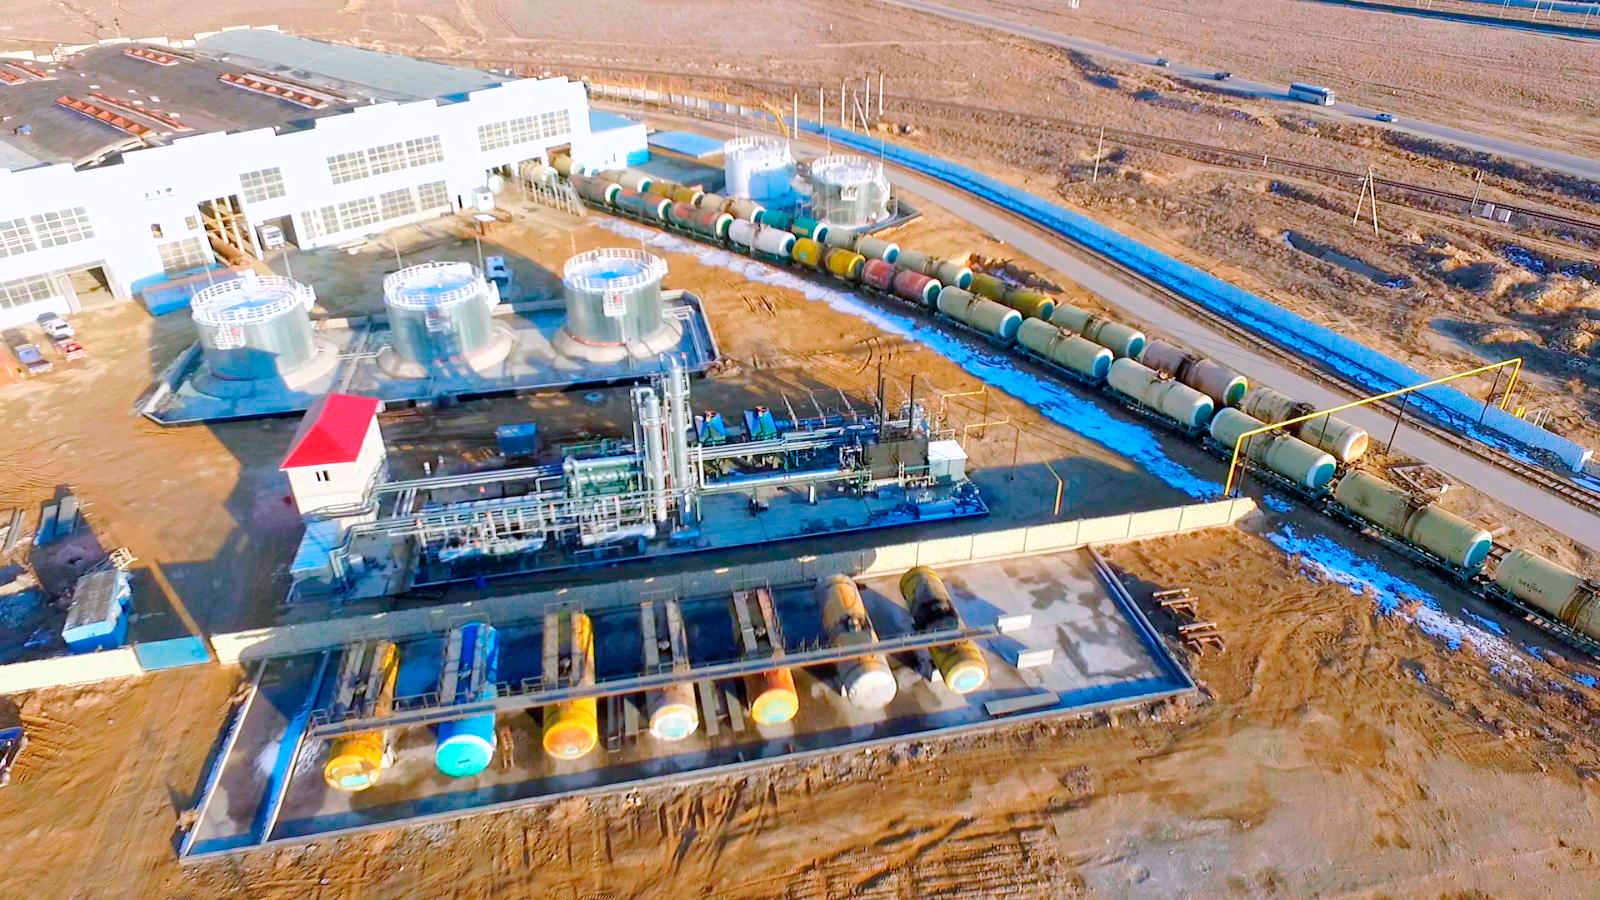 купить миниНПЗ, нефтеперерабатывающий завод